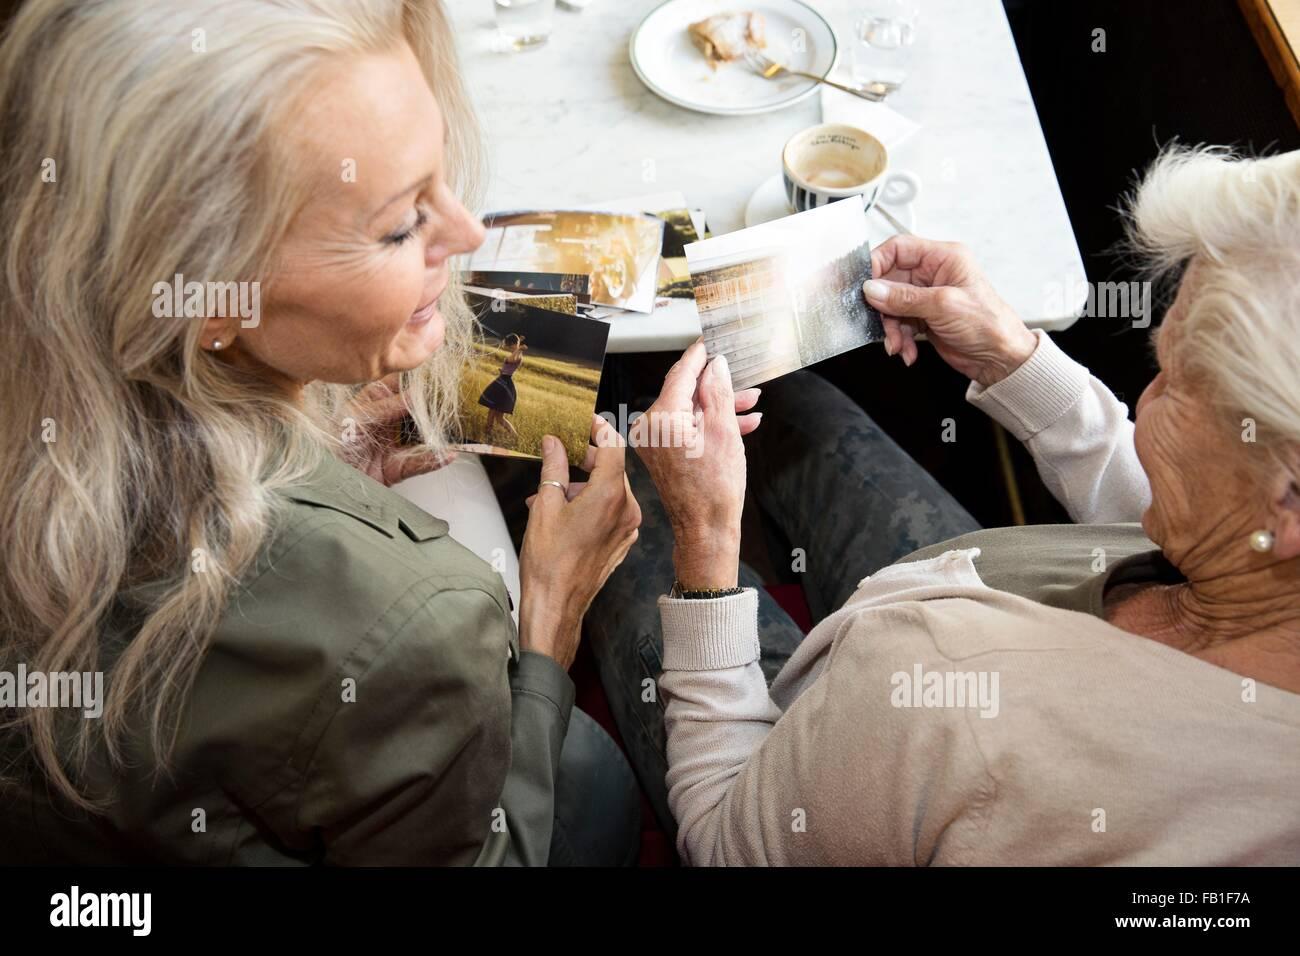 Madre e hija sentados juntos en la cafetería, mirando fotos, vista trasera Imagen De Stock